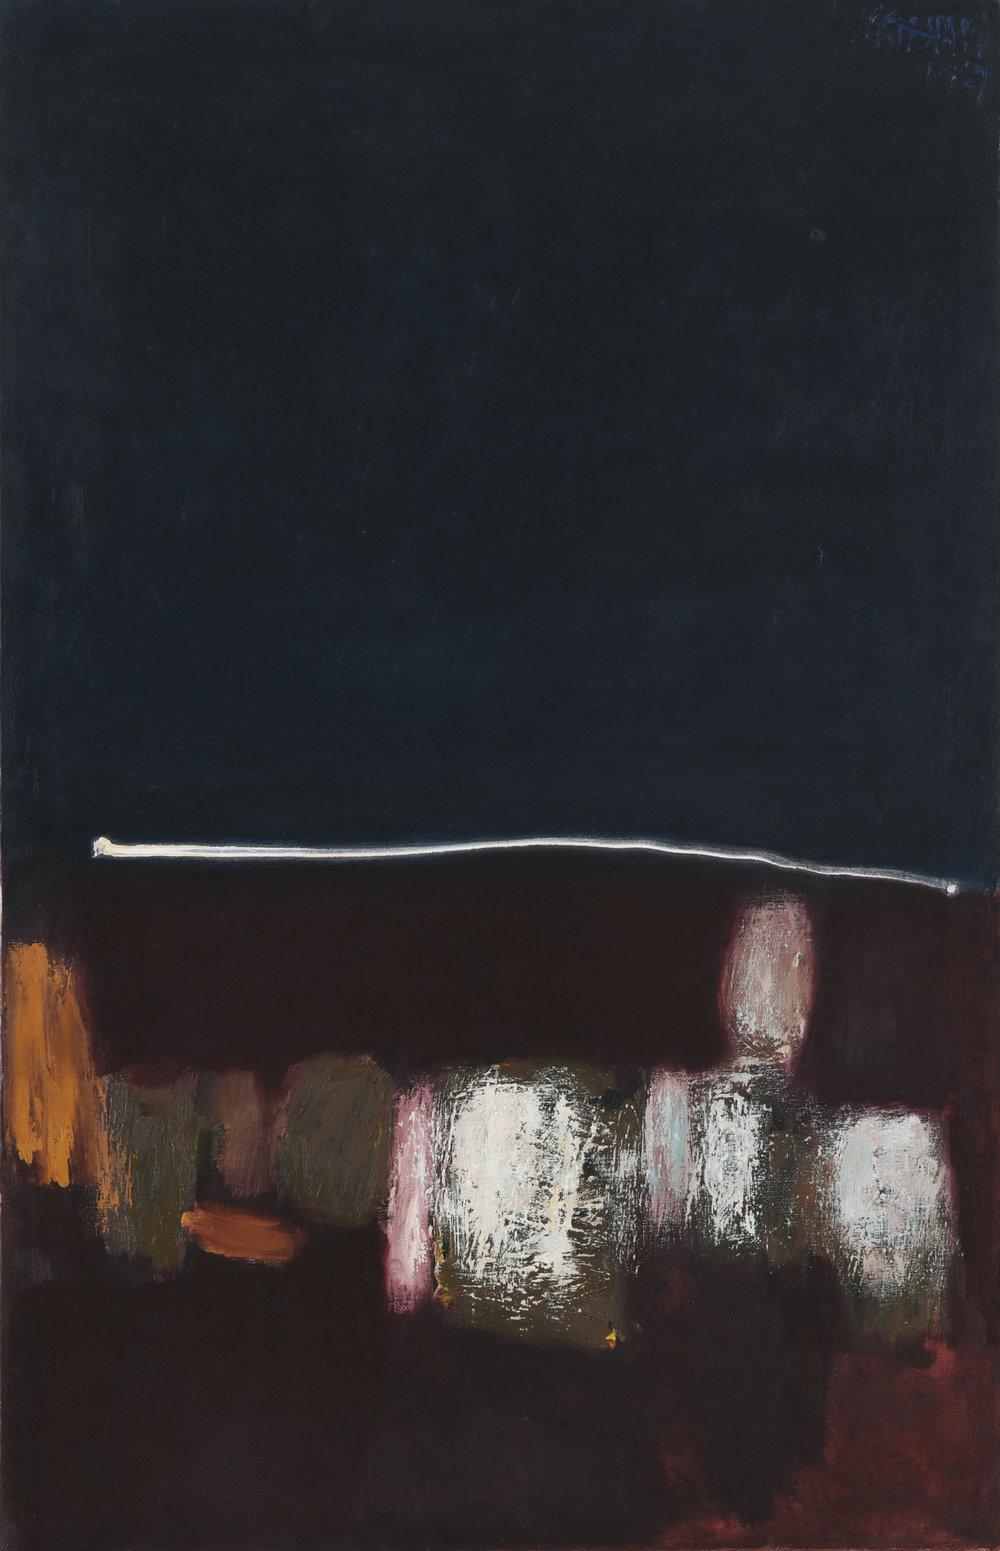 Srihadi Soedarsono, Seascape, 1967, 142.5 x 92.5 cm